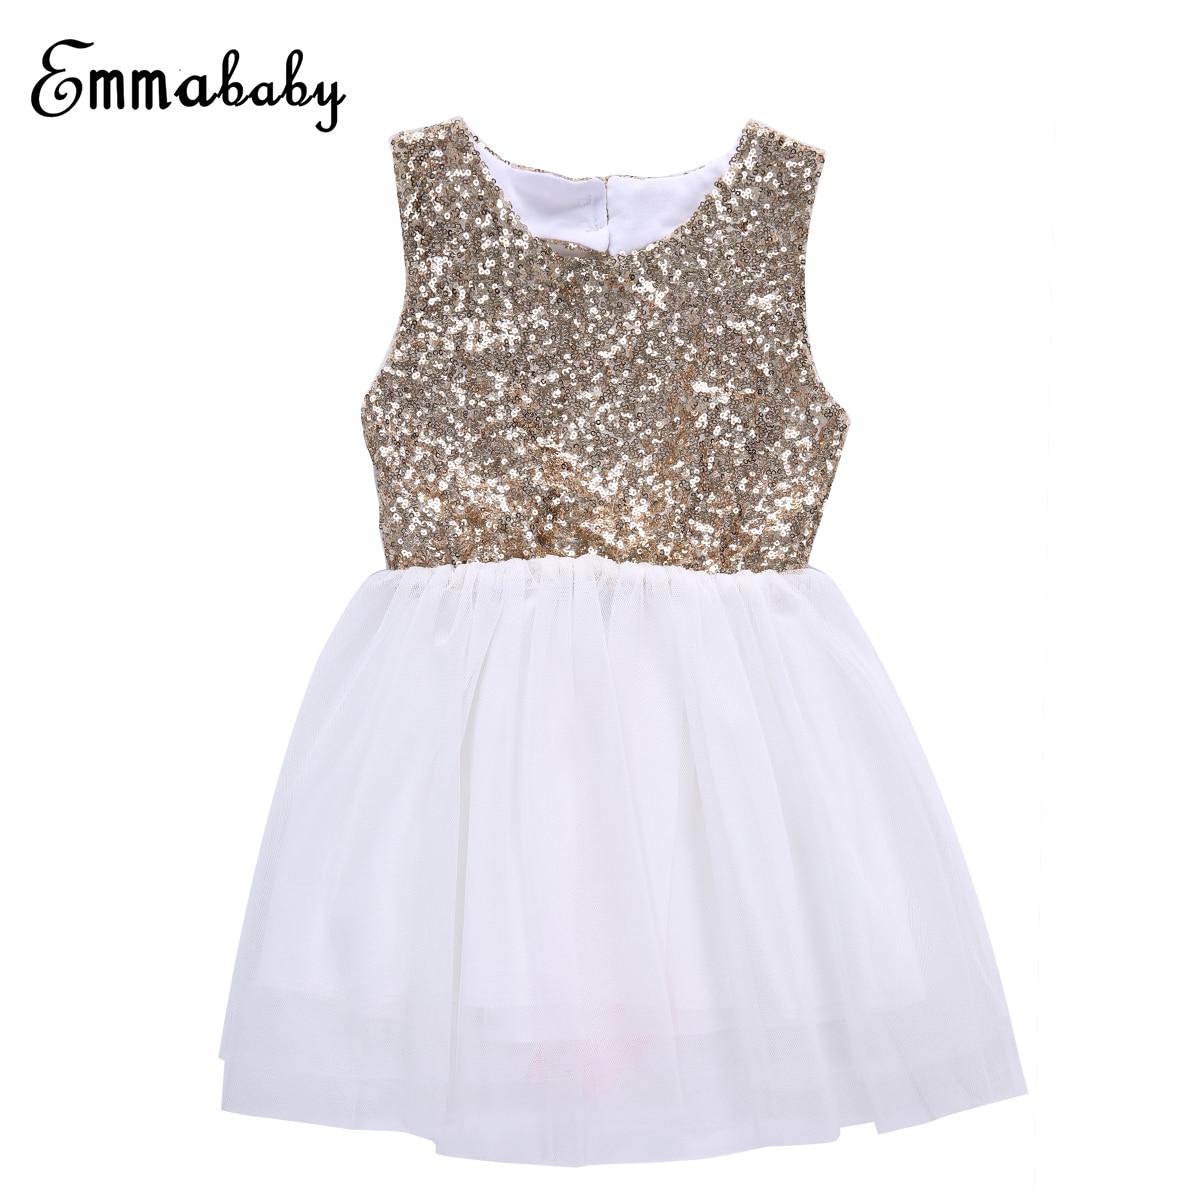 Дети Одежда для маленькой девочки Блёстки Платье принцессы для девочек с цветочным рисунком Платье с открытой спиной и с бантом для вечерин...